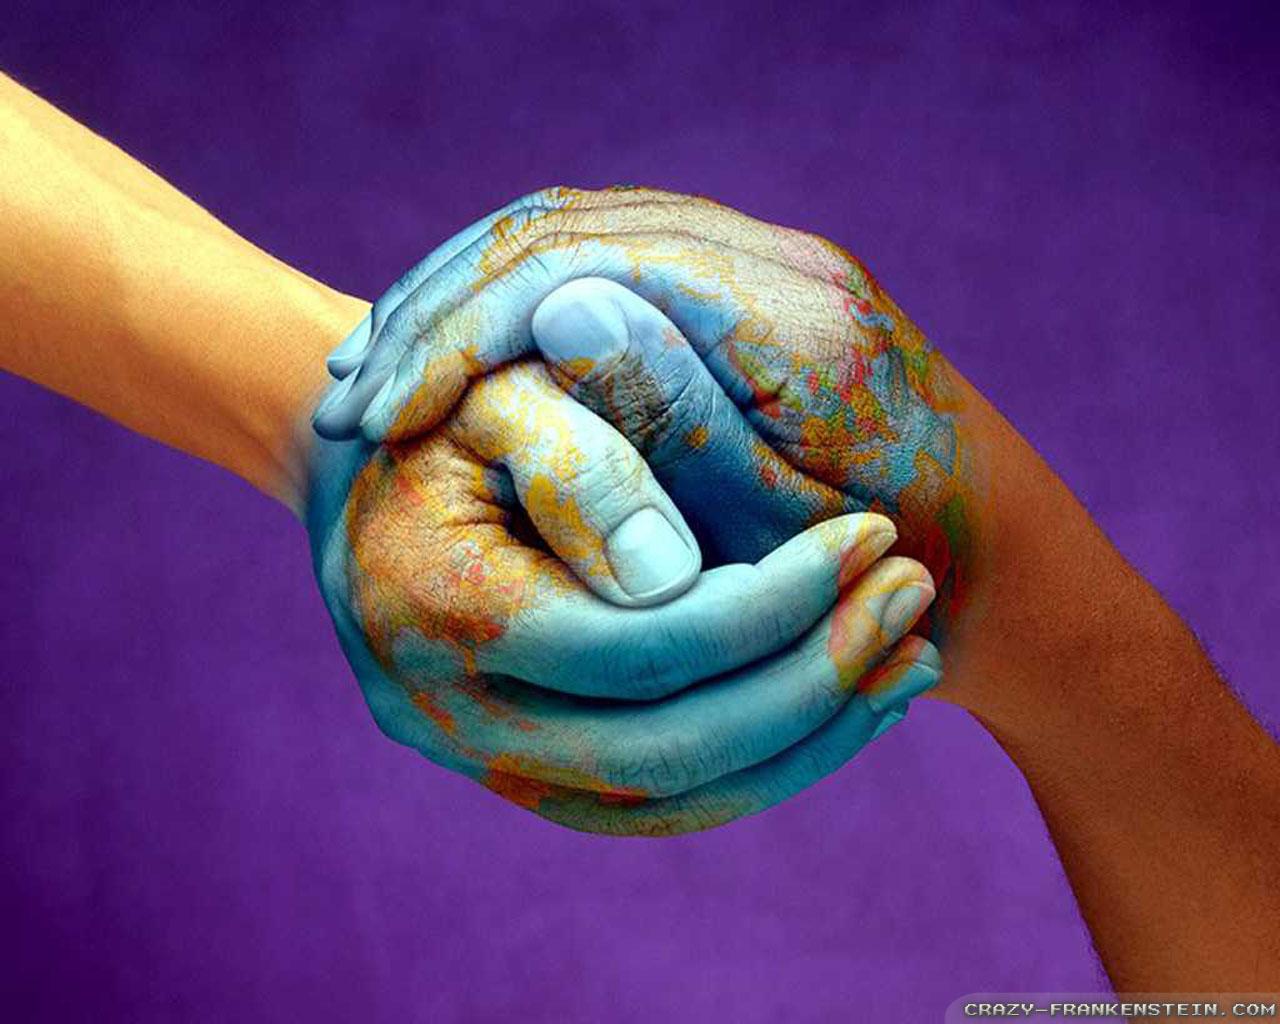 Opor-se às Divergências com Tolerância